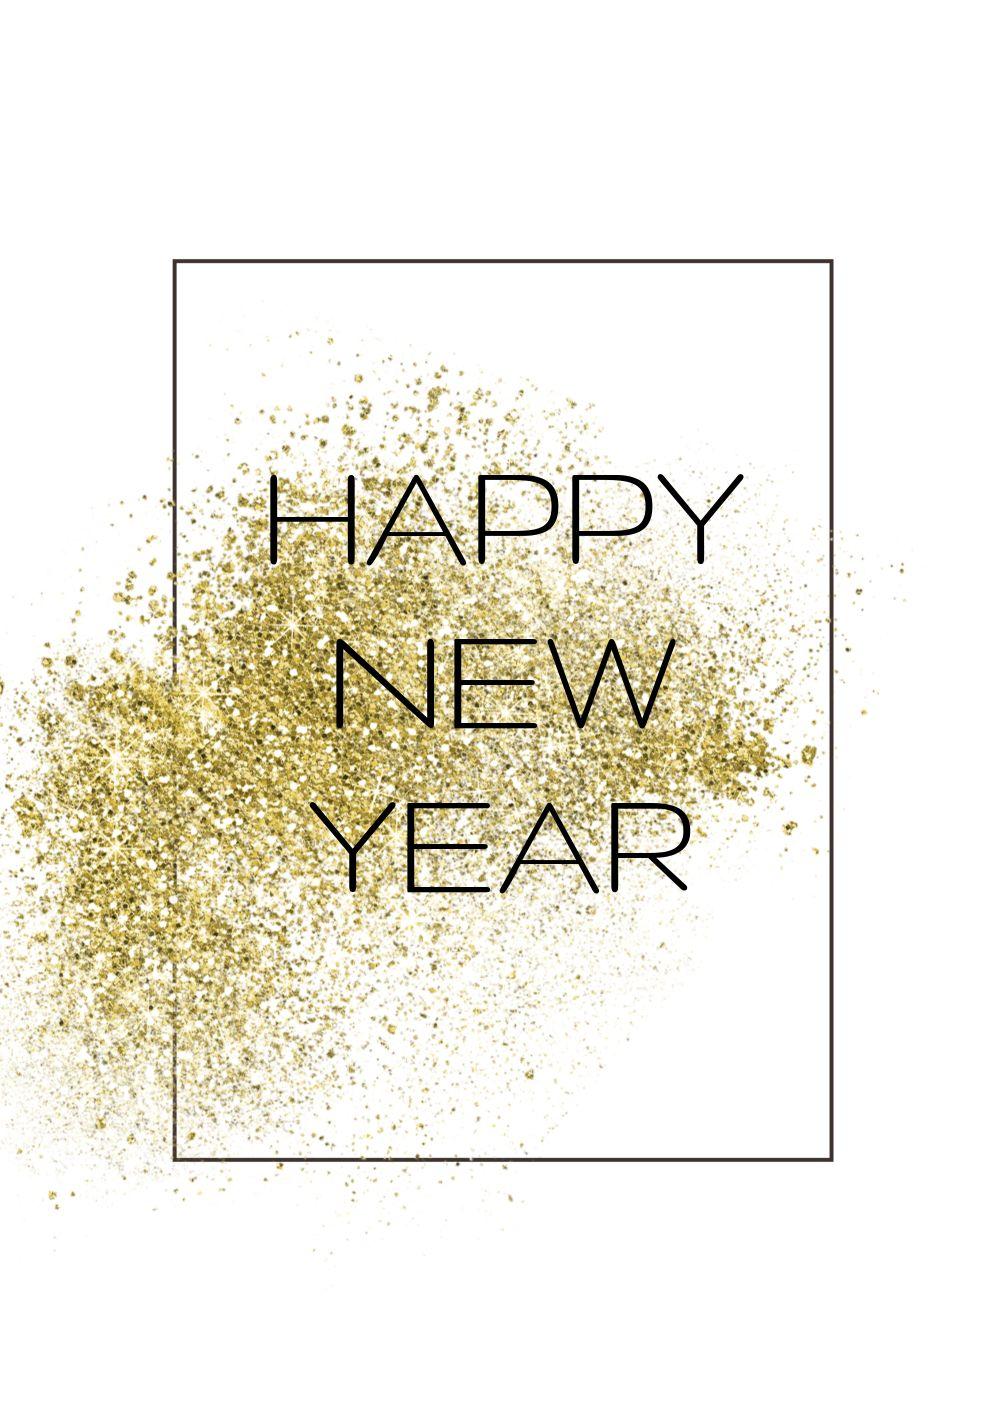 Ansicht 3 - Neujahrskarte Glitter